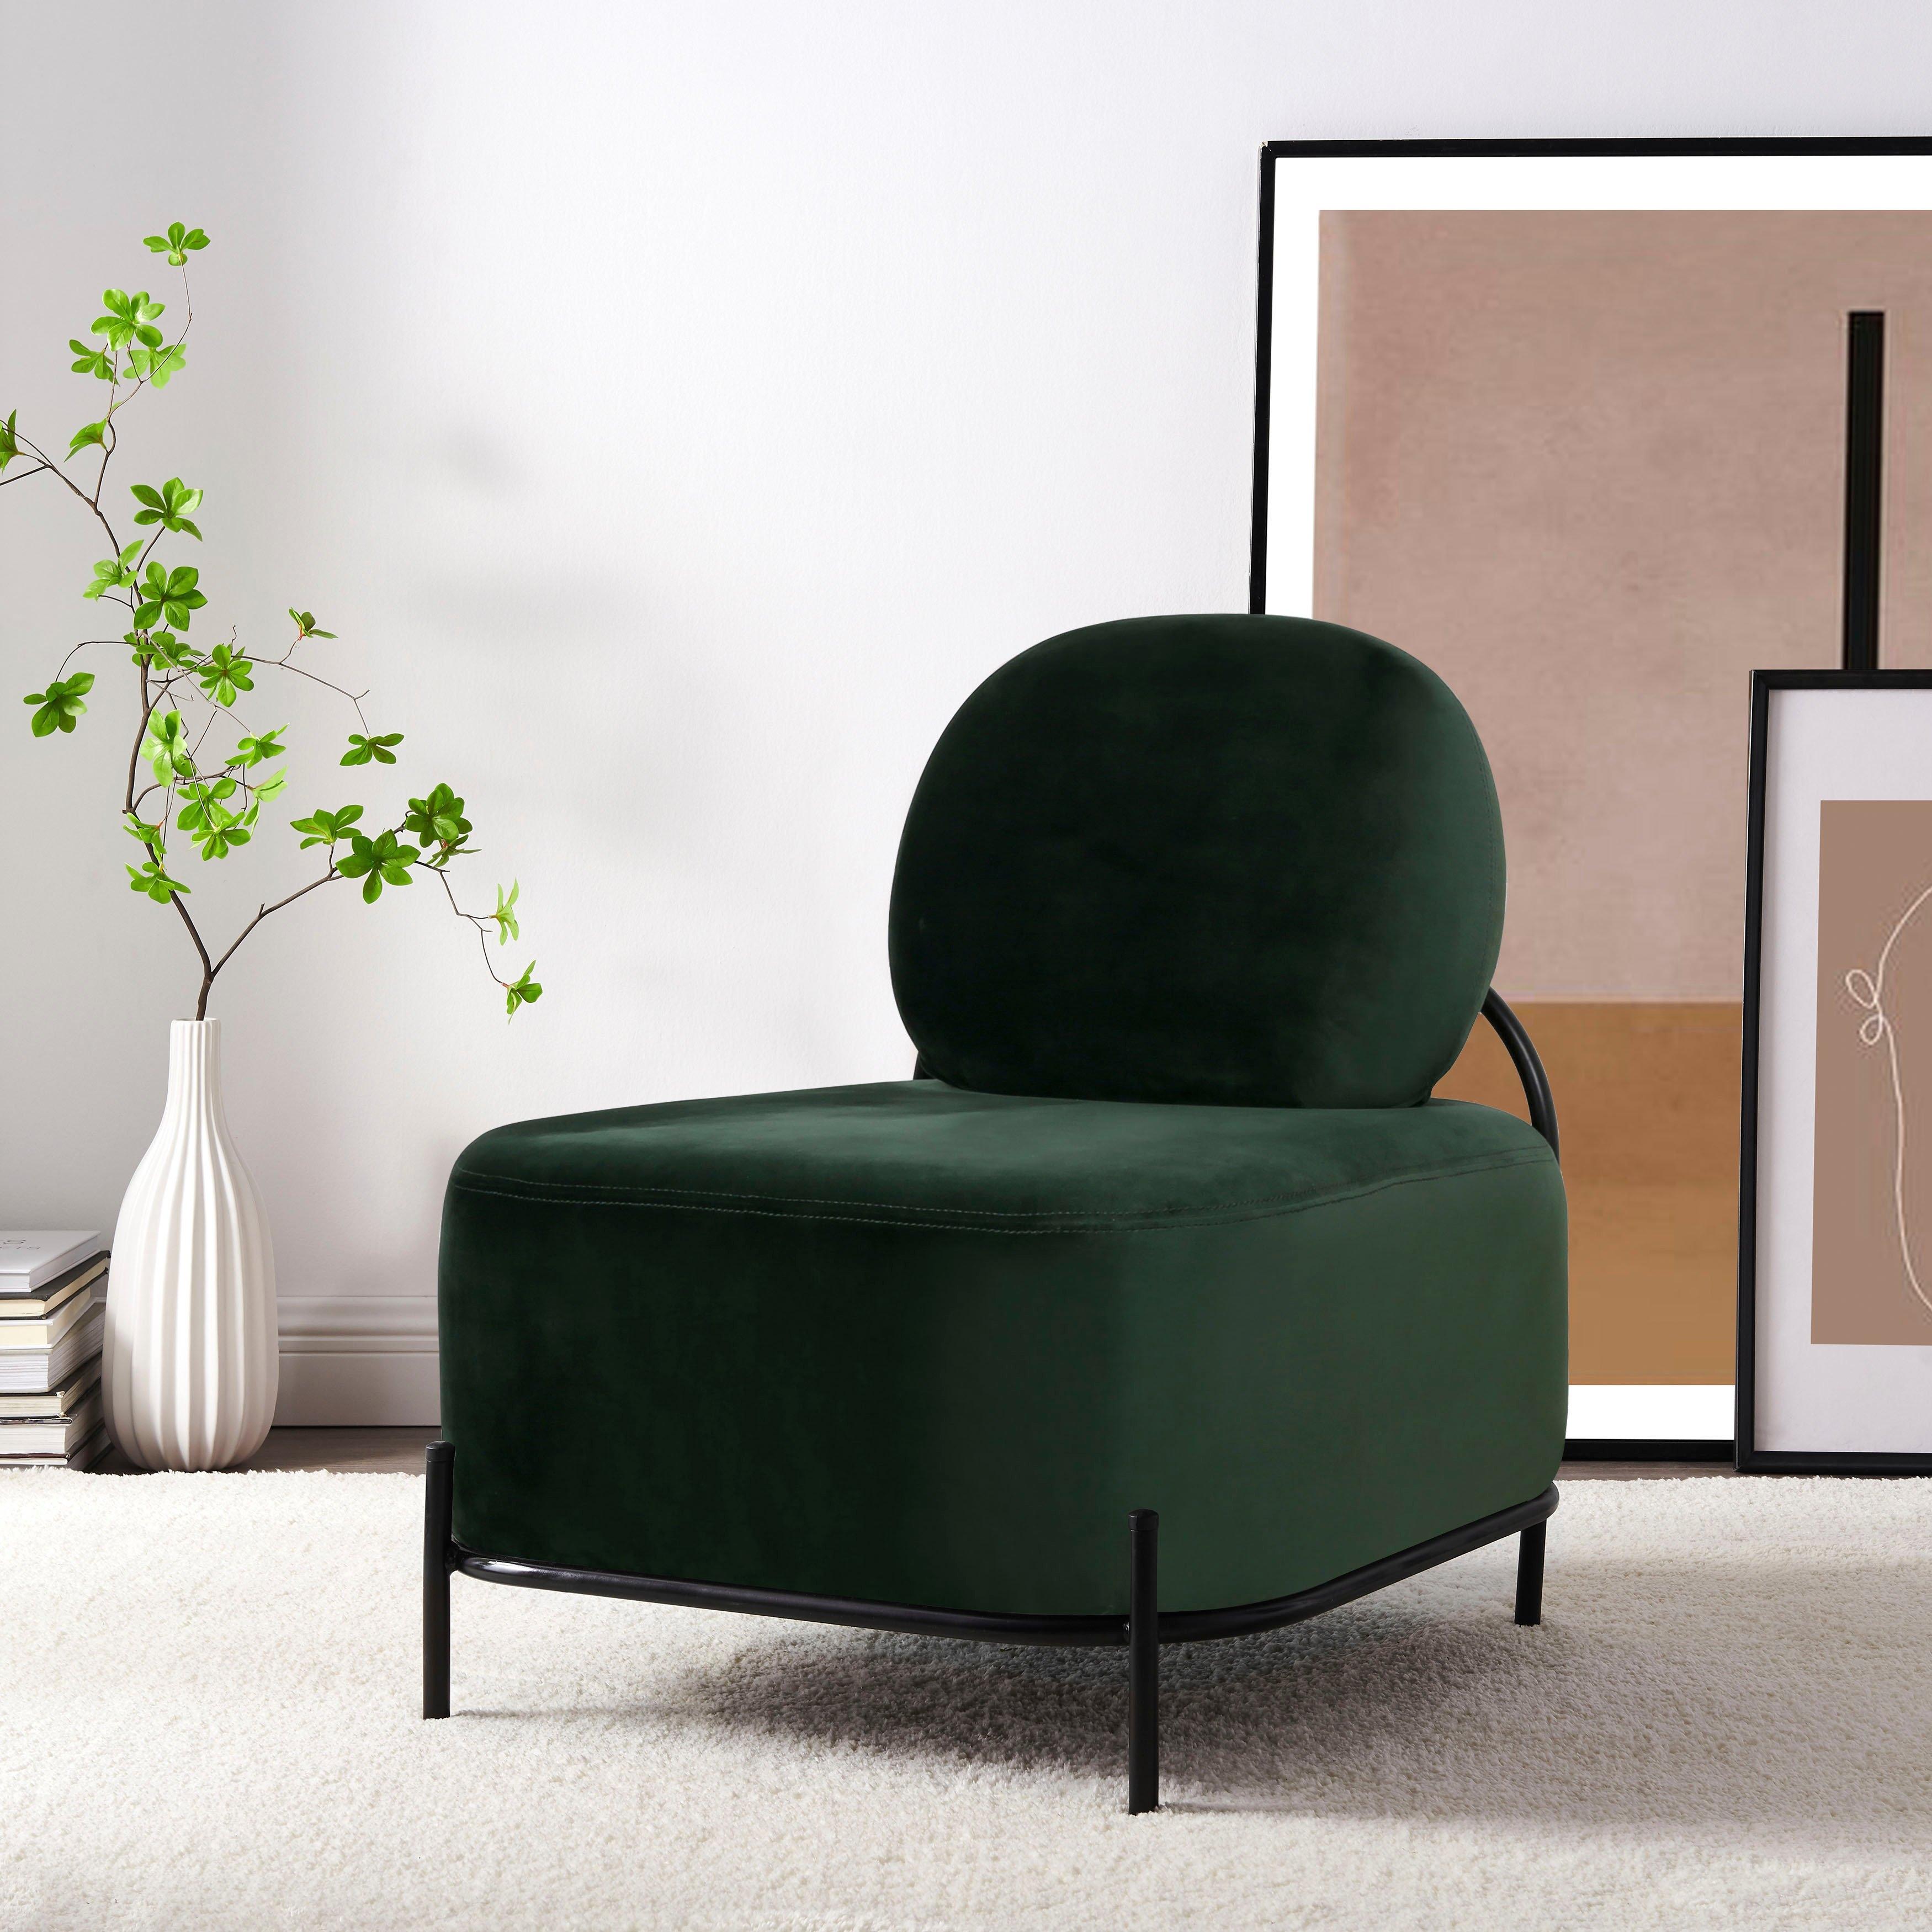 COUCH ♥ fauteuil Premium ruimte beklede zitting en rugleuning nu online bestellen